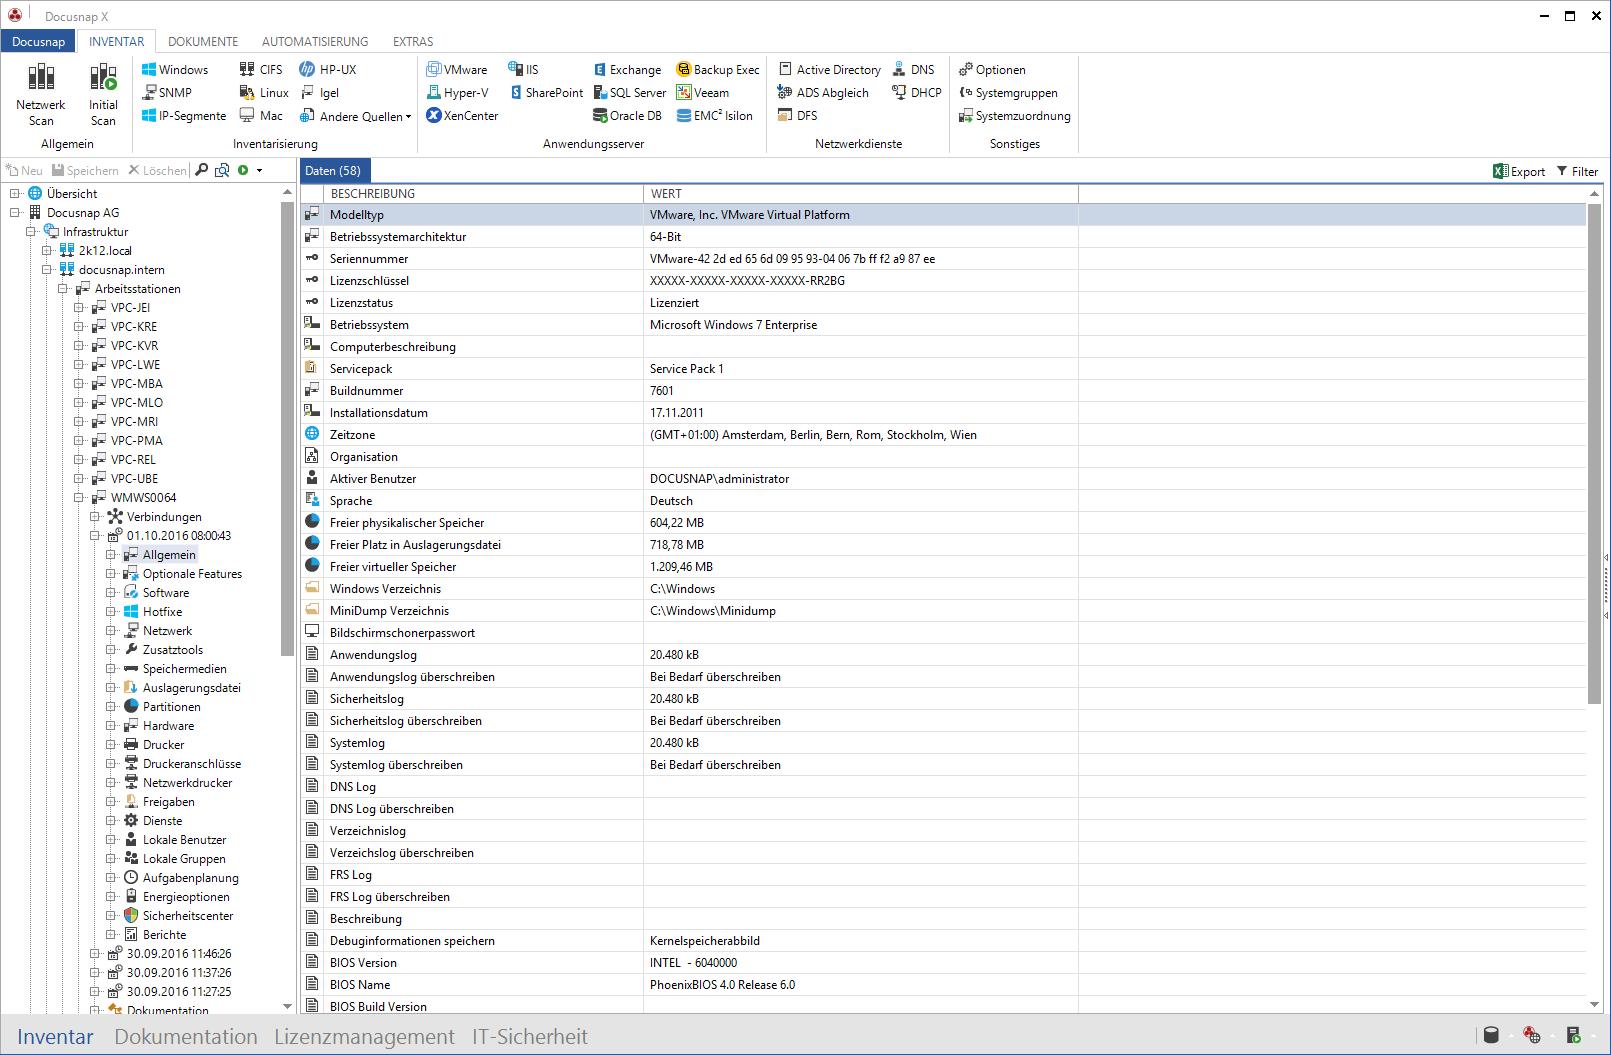 Darstellung der Netzwerk-Inventarisierung im Datenexplorer